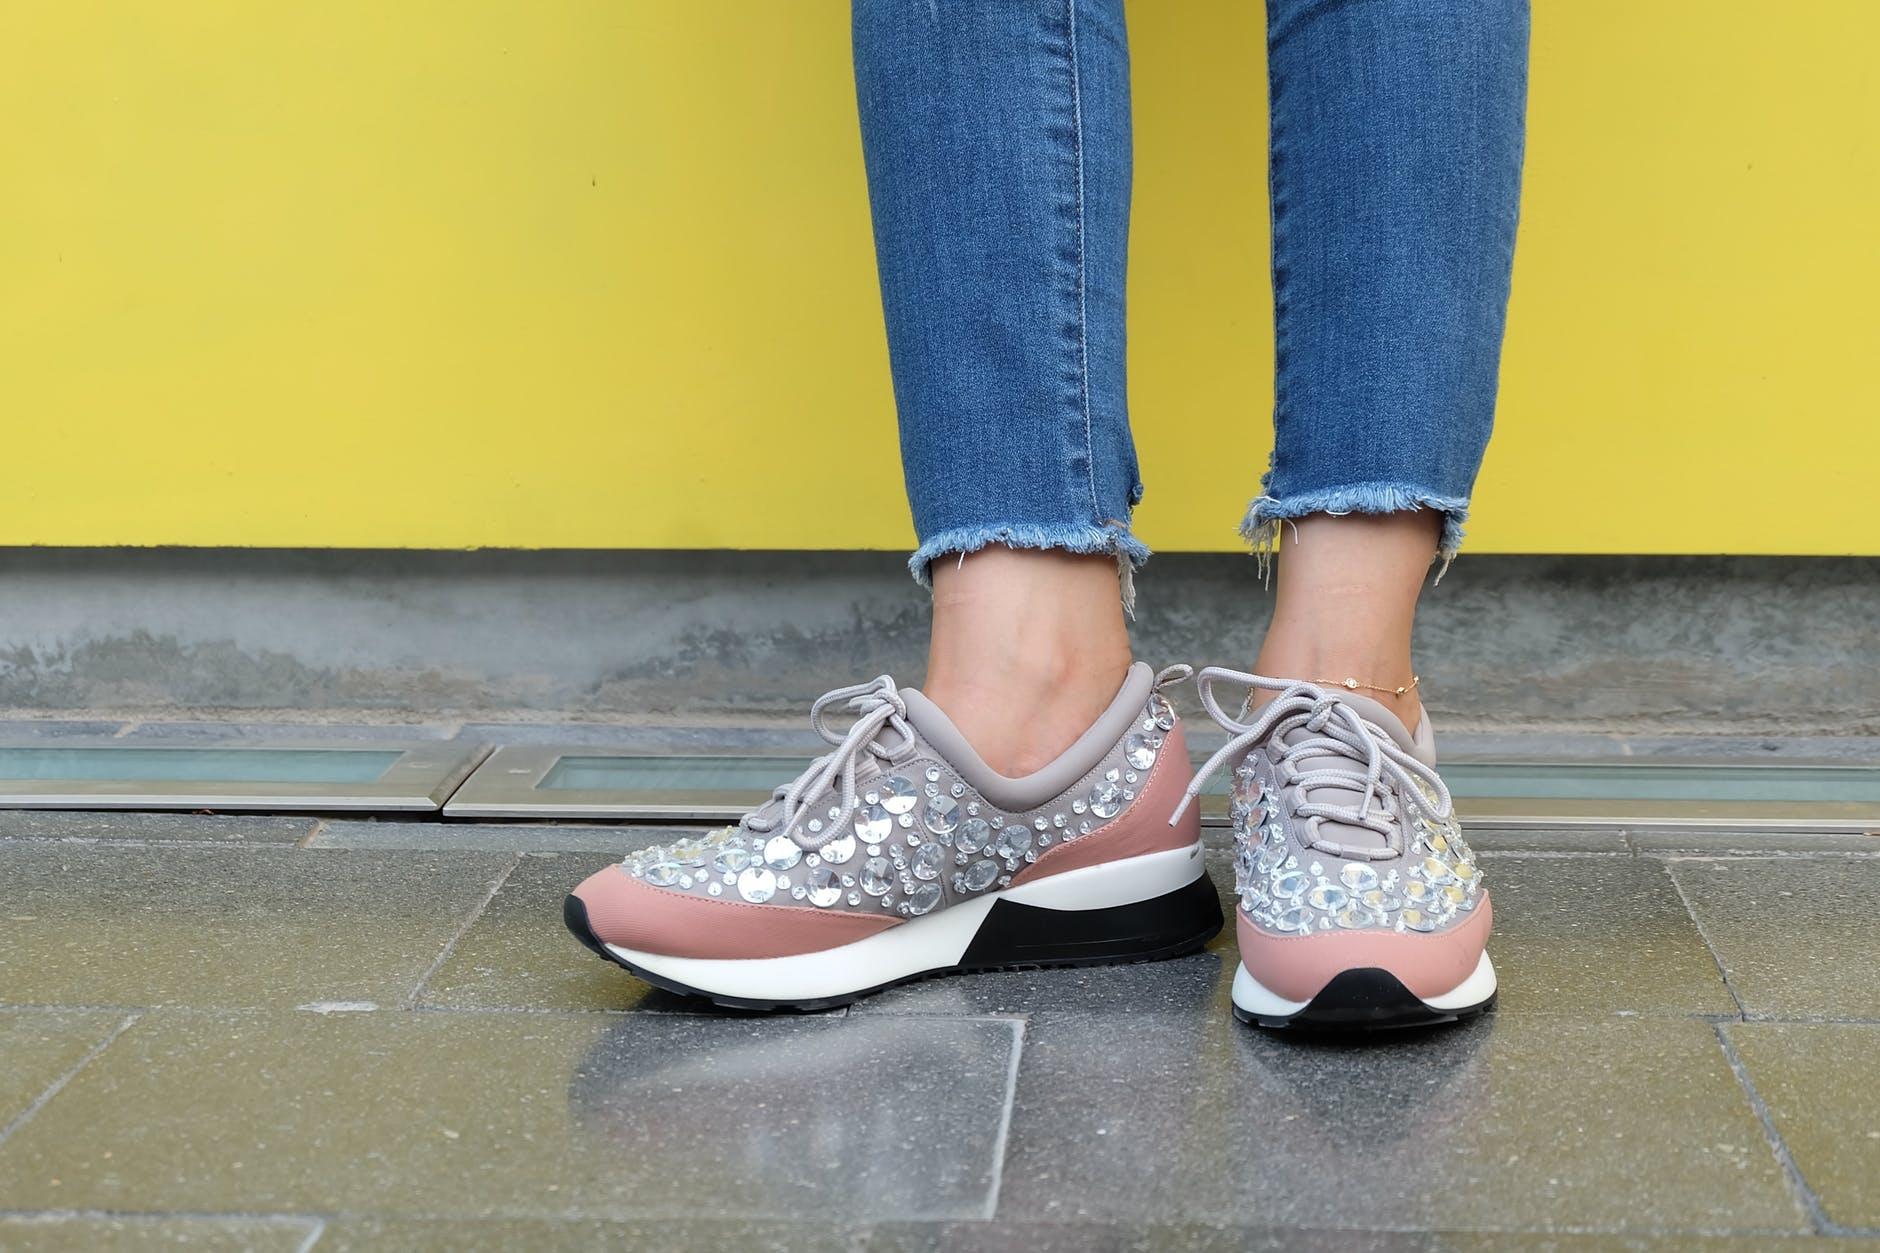 Jak nosić damskie sportowe buty? | Face&Look Wybieraj